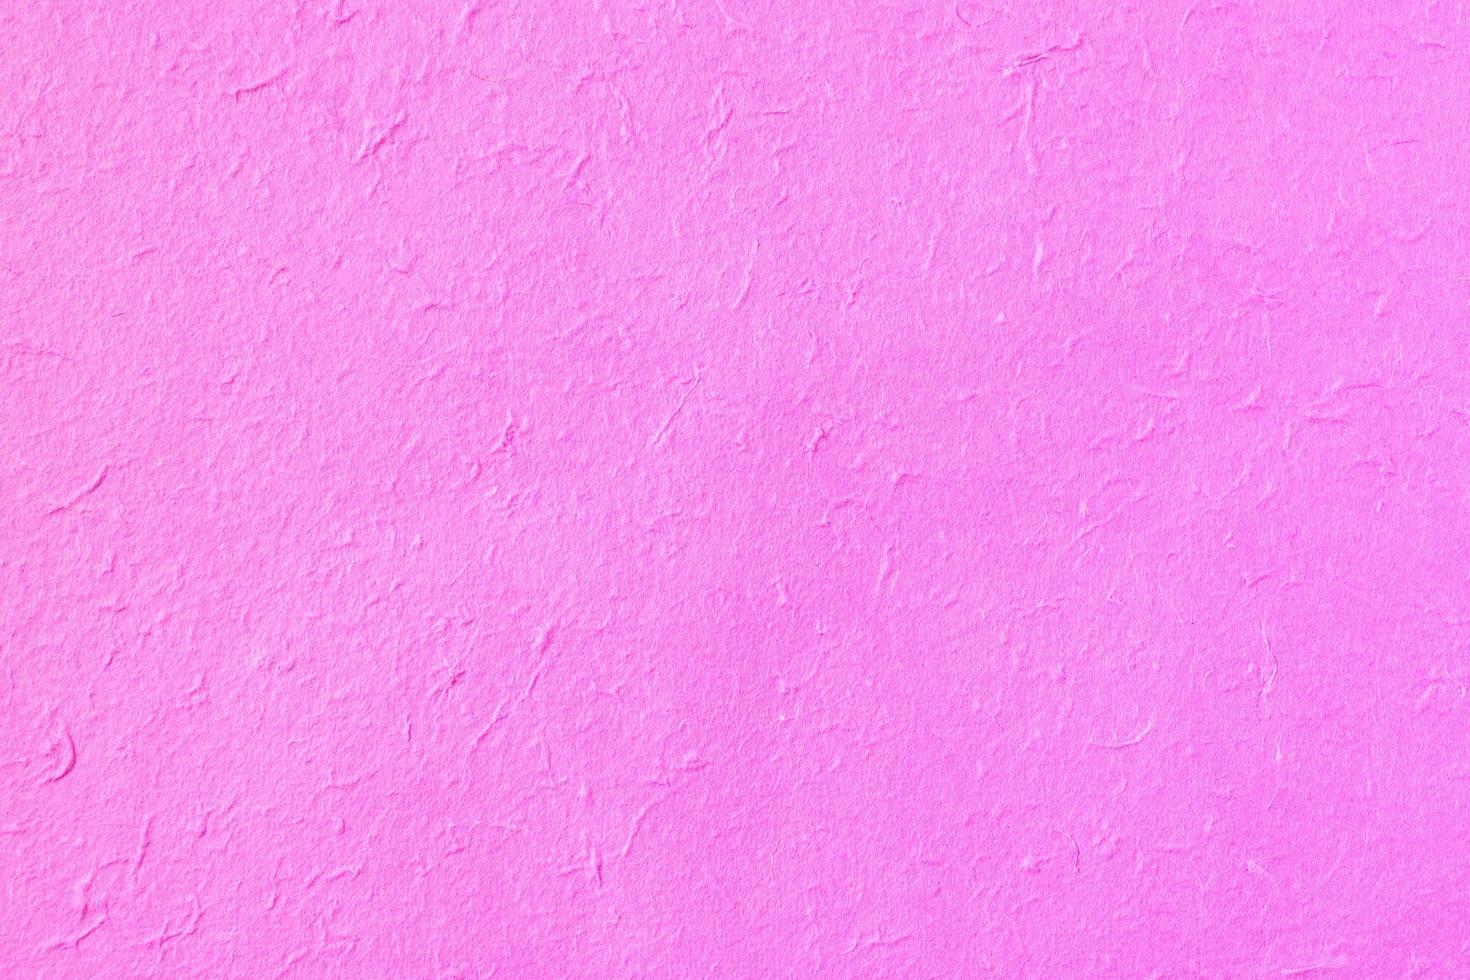 papier de mûrier rose à la main photo